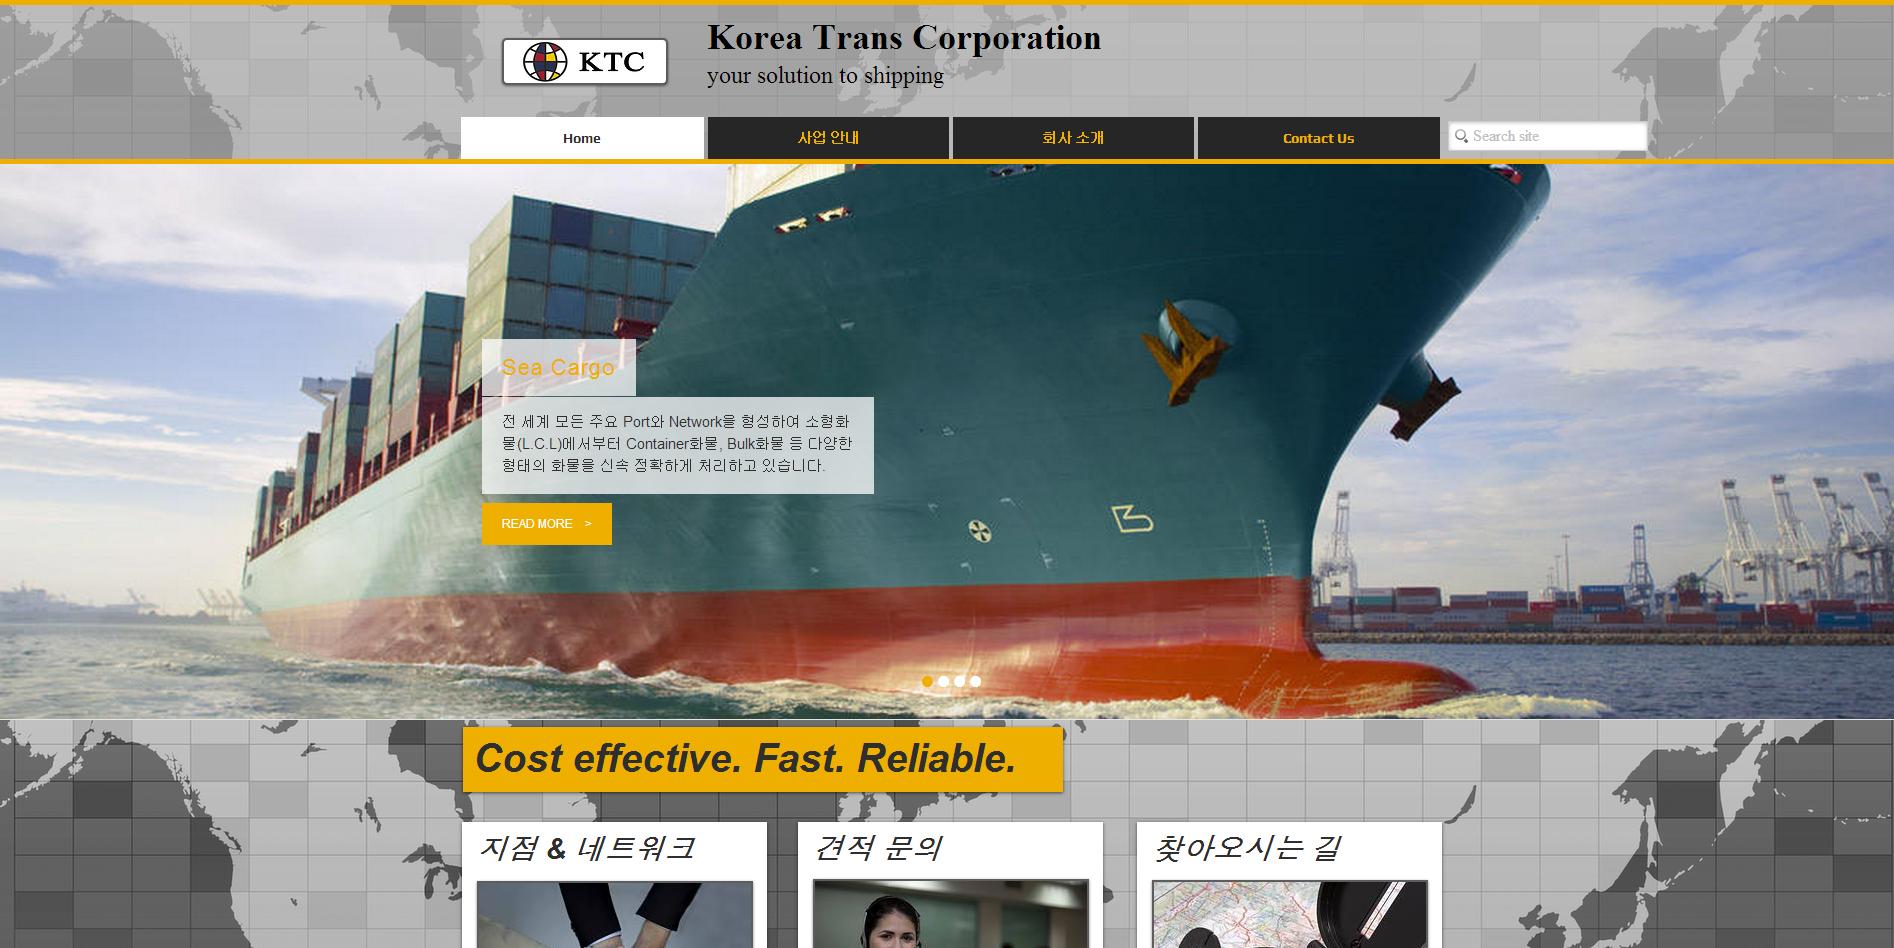 Korea trans corp